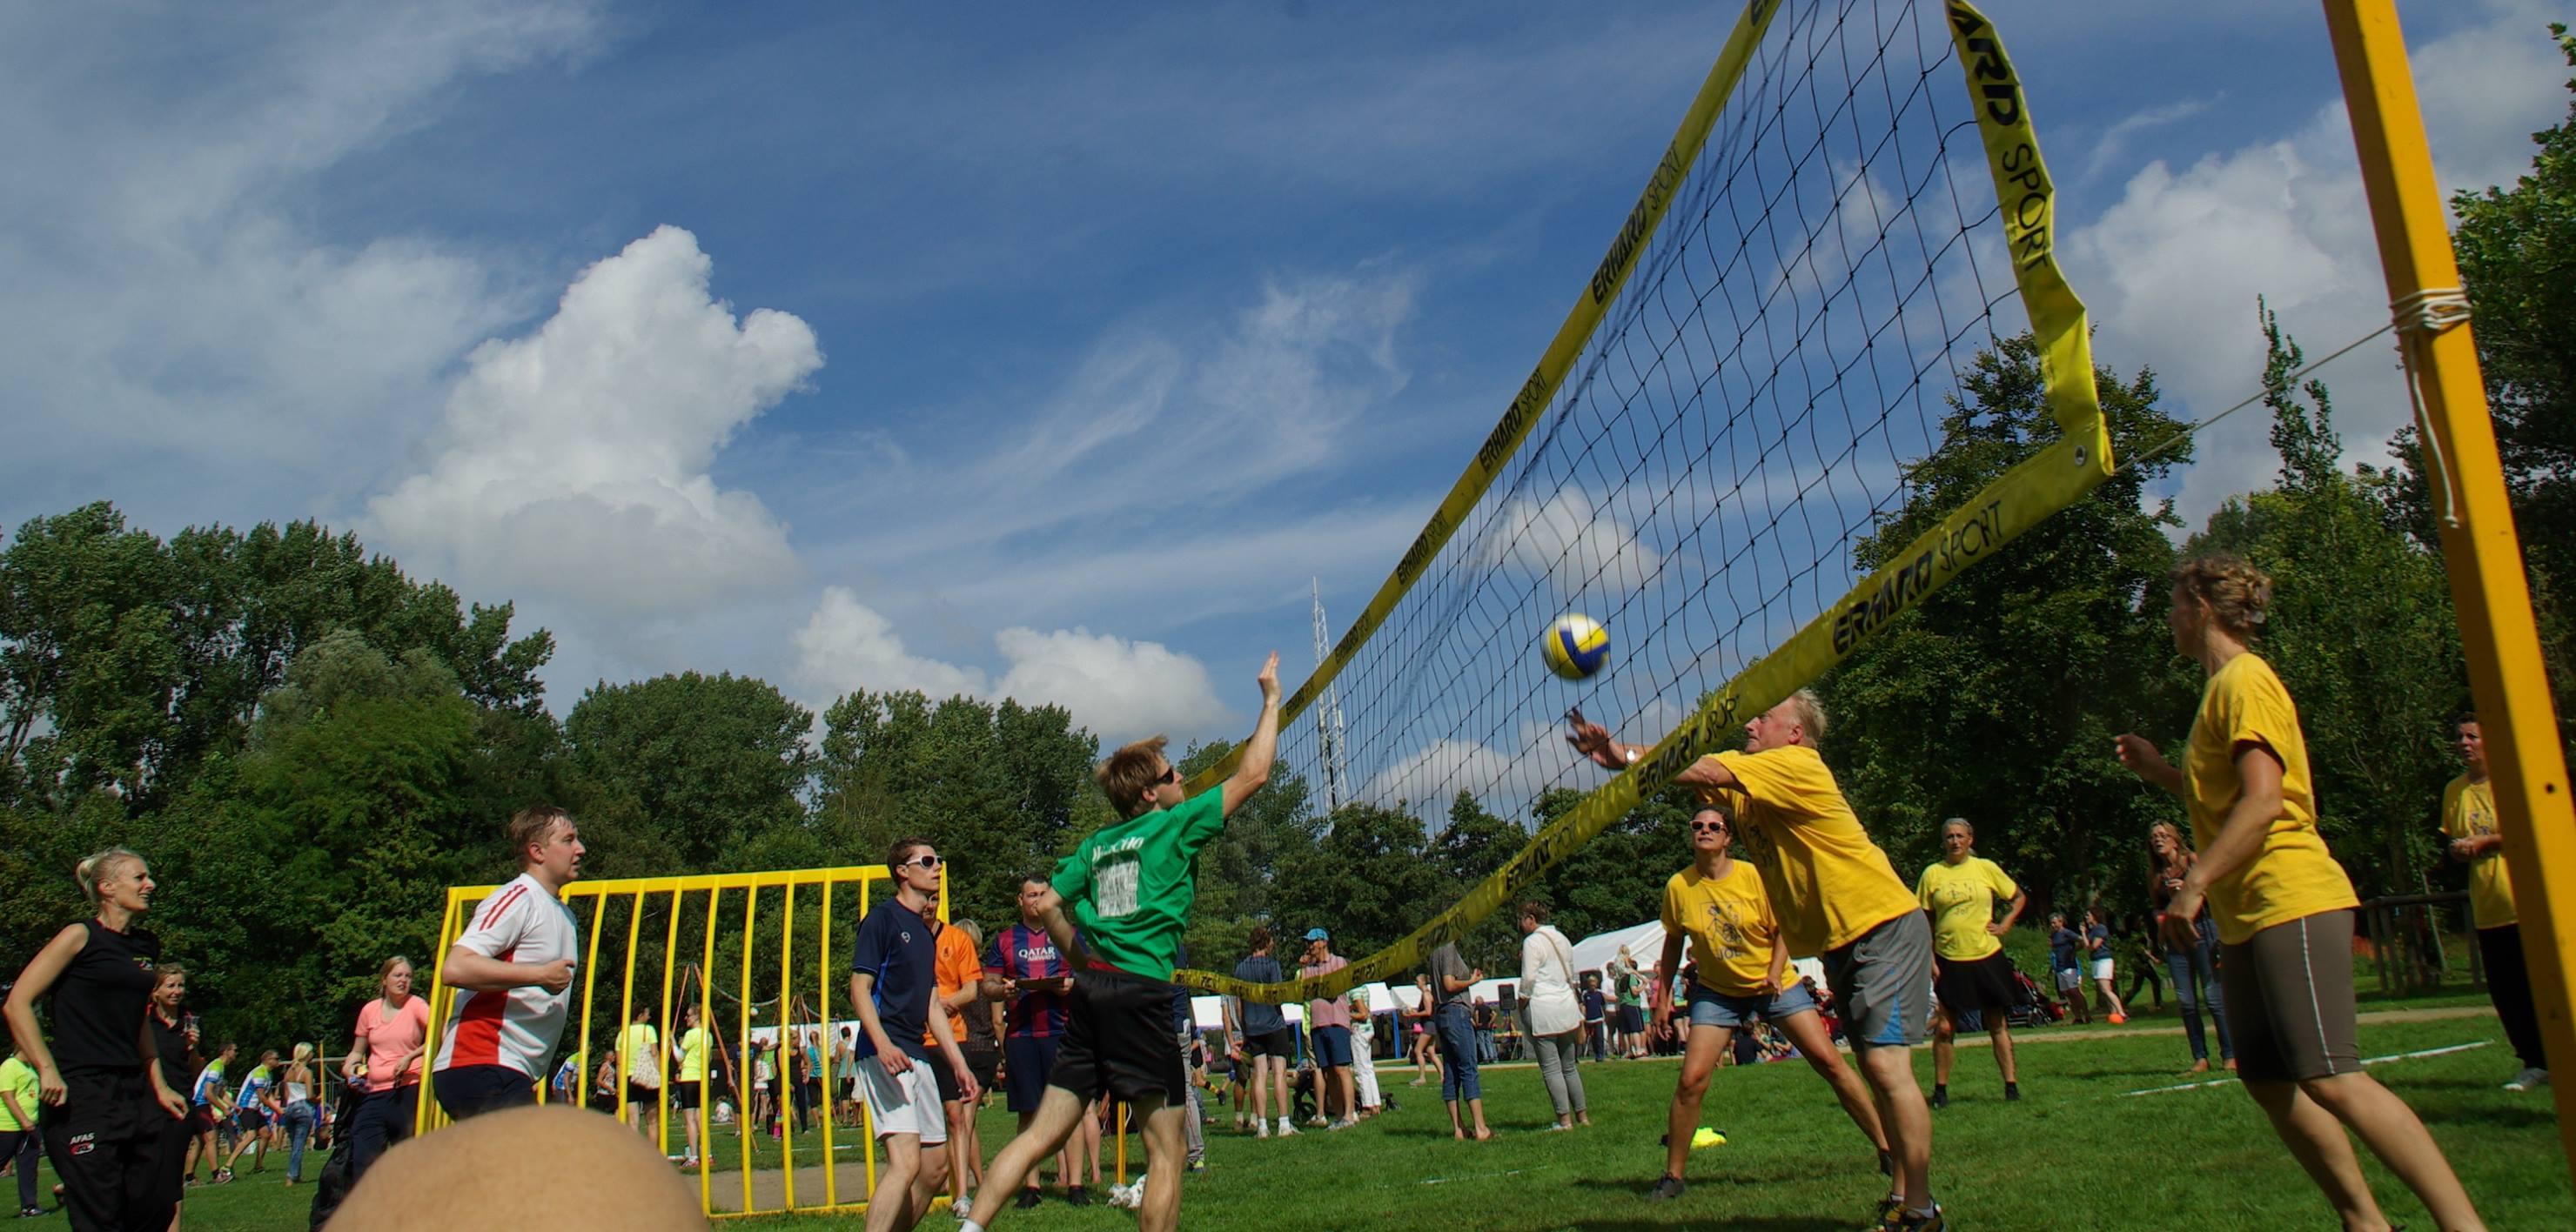 Afgelast: Volleybal en Parkfeest